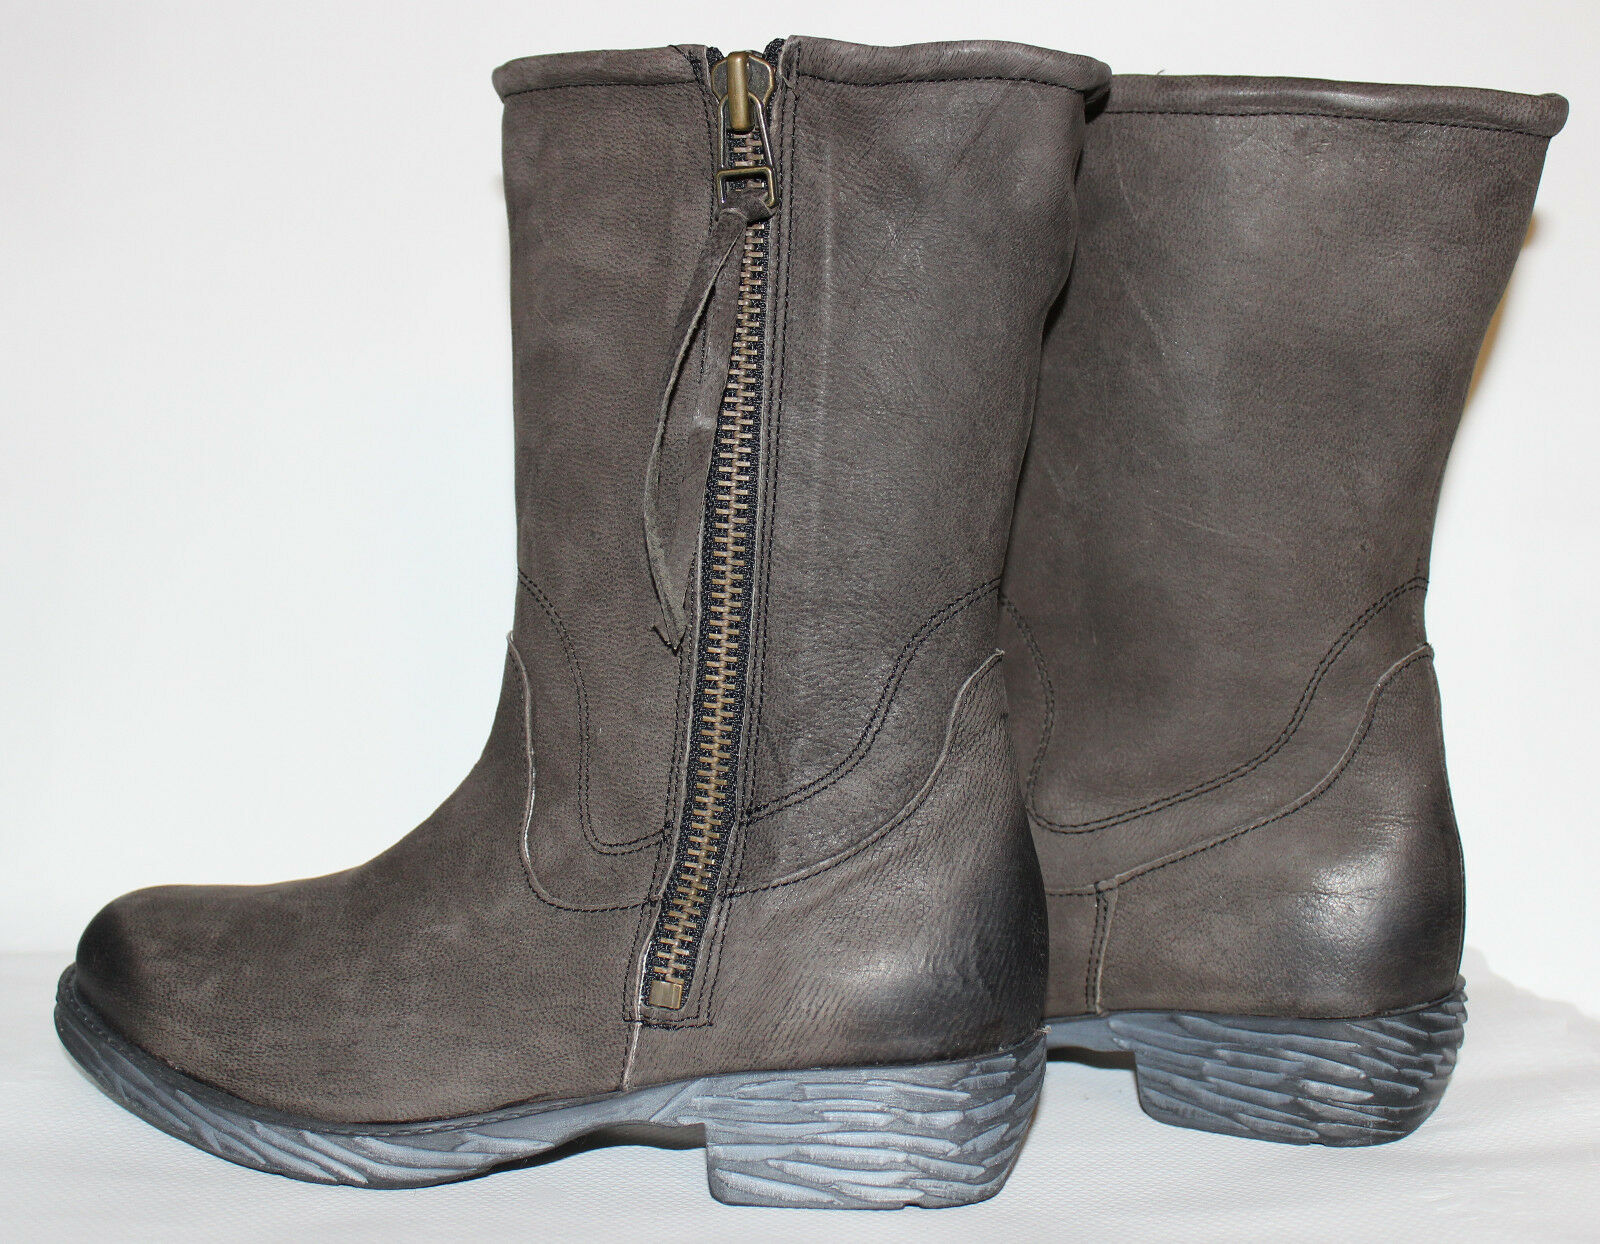 STEVEN Steve Madden Madeira Charcoal Premium Leder Leder Premium Zip Stiefel 7 M NEW  L@@K C4 f59c7d